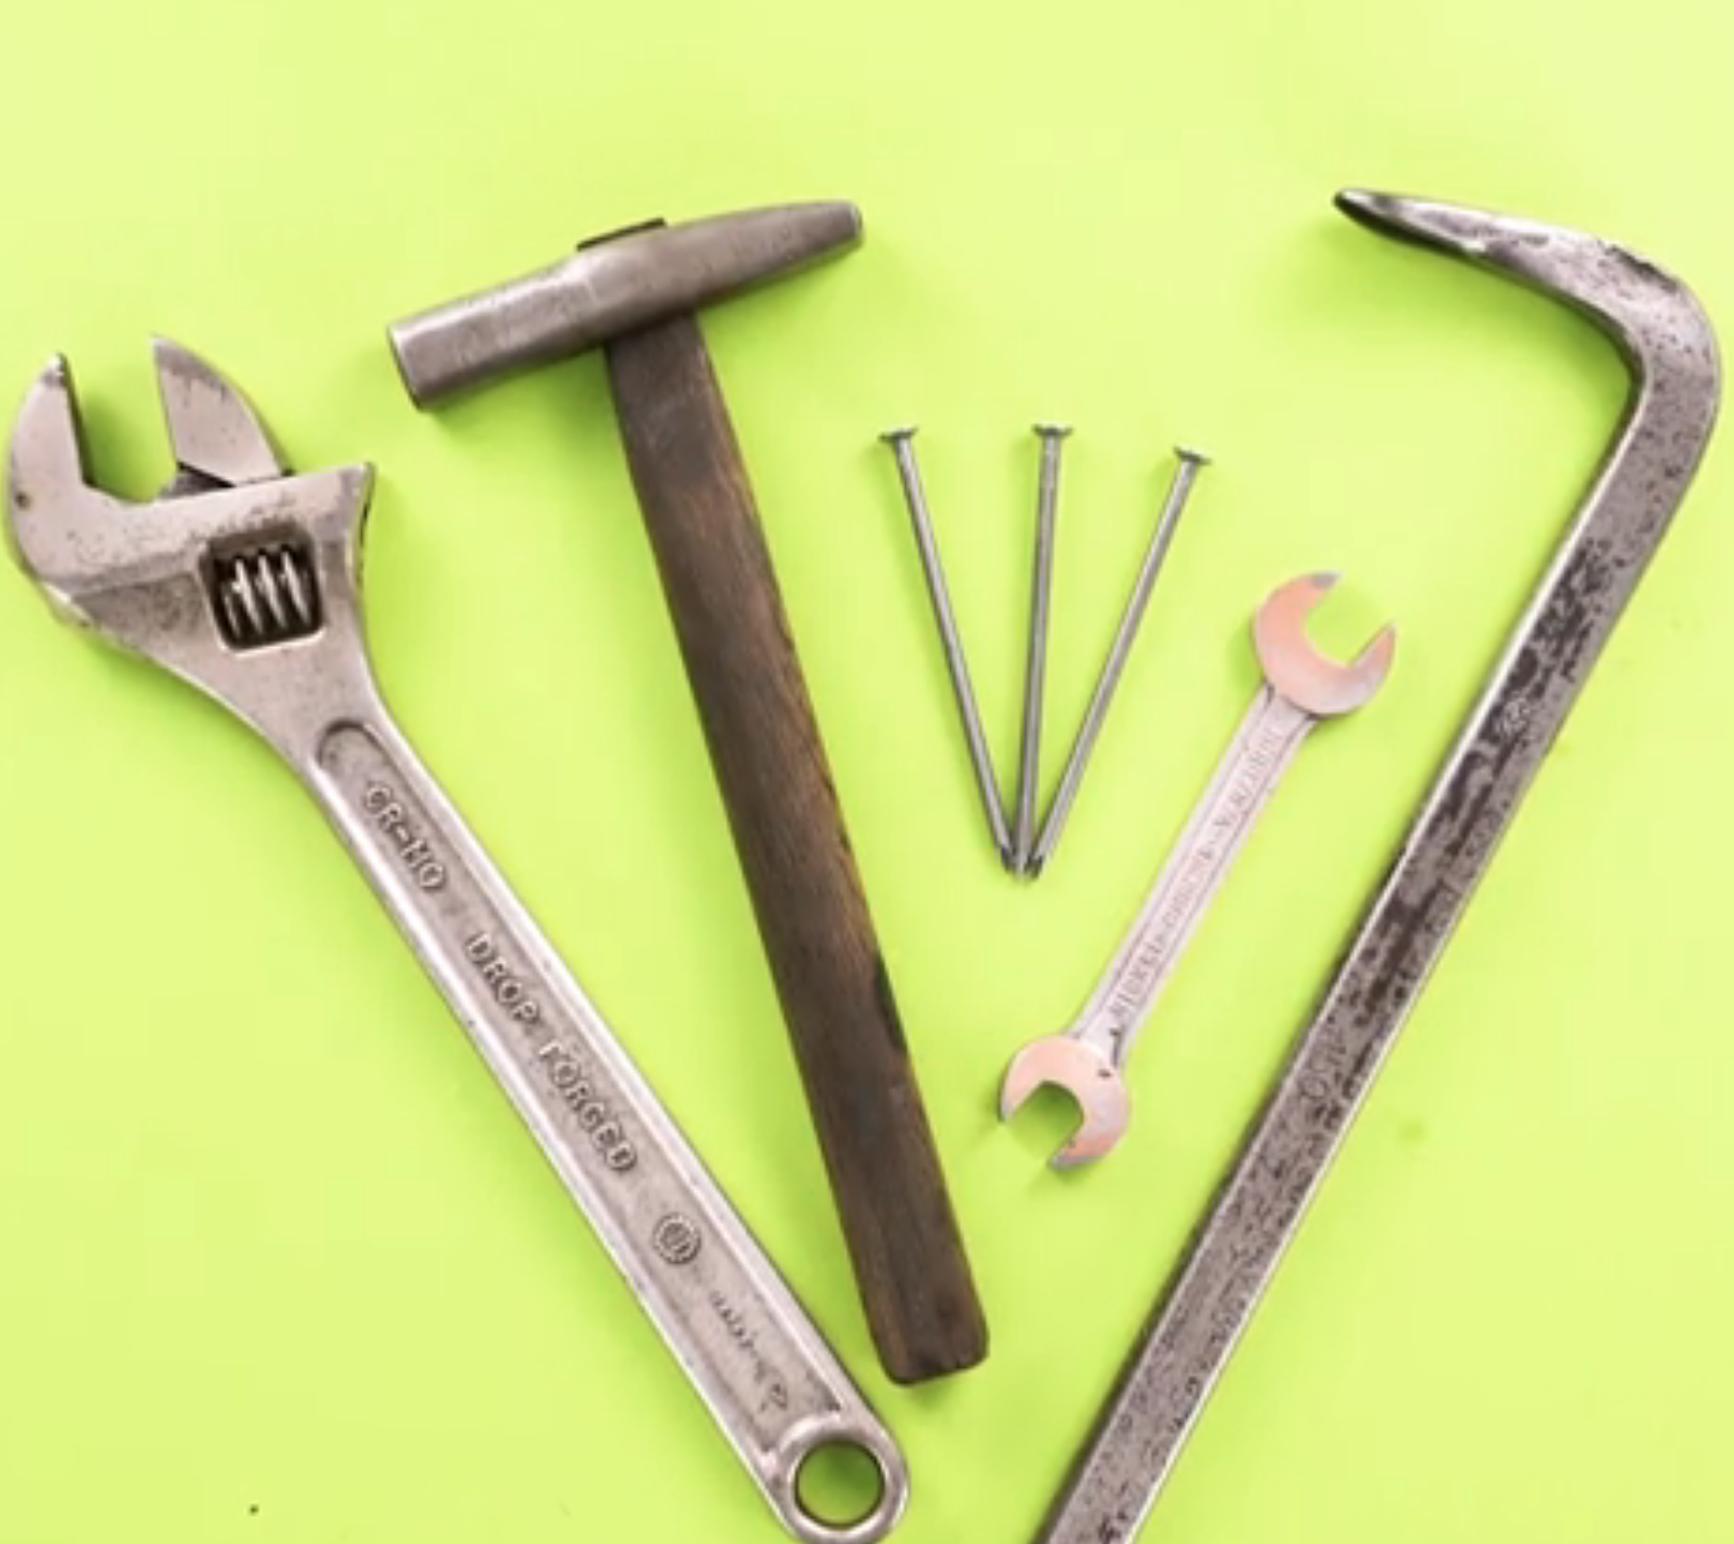 まるで新品!工具をピカピカにする「サビ取りアイデア」3選